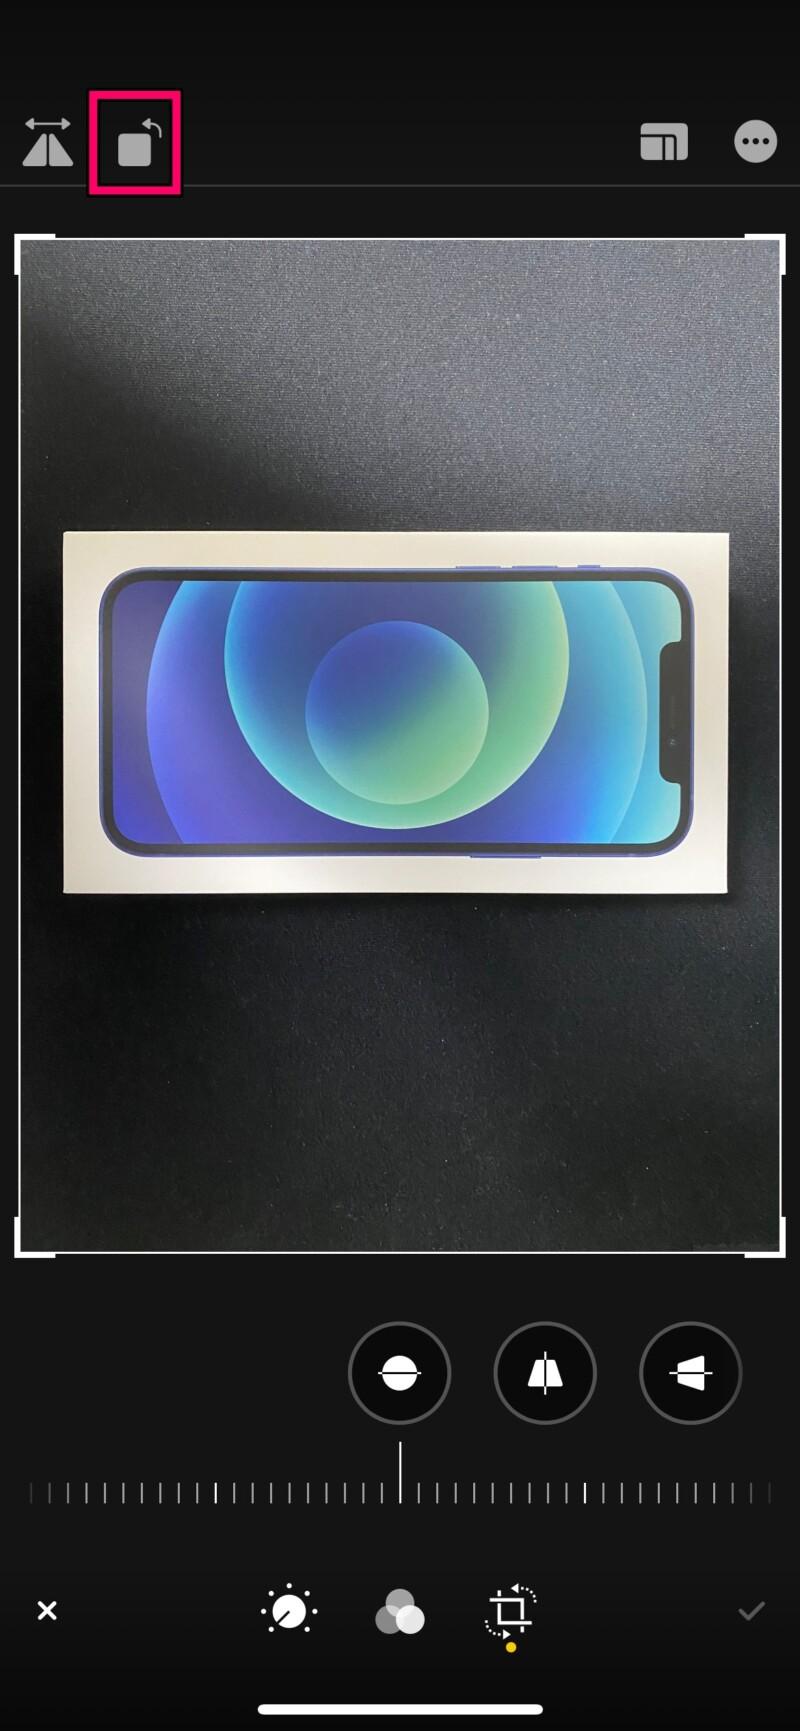 iPhoneの写真アプリで画像を回転させる方法3